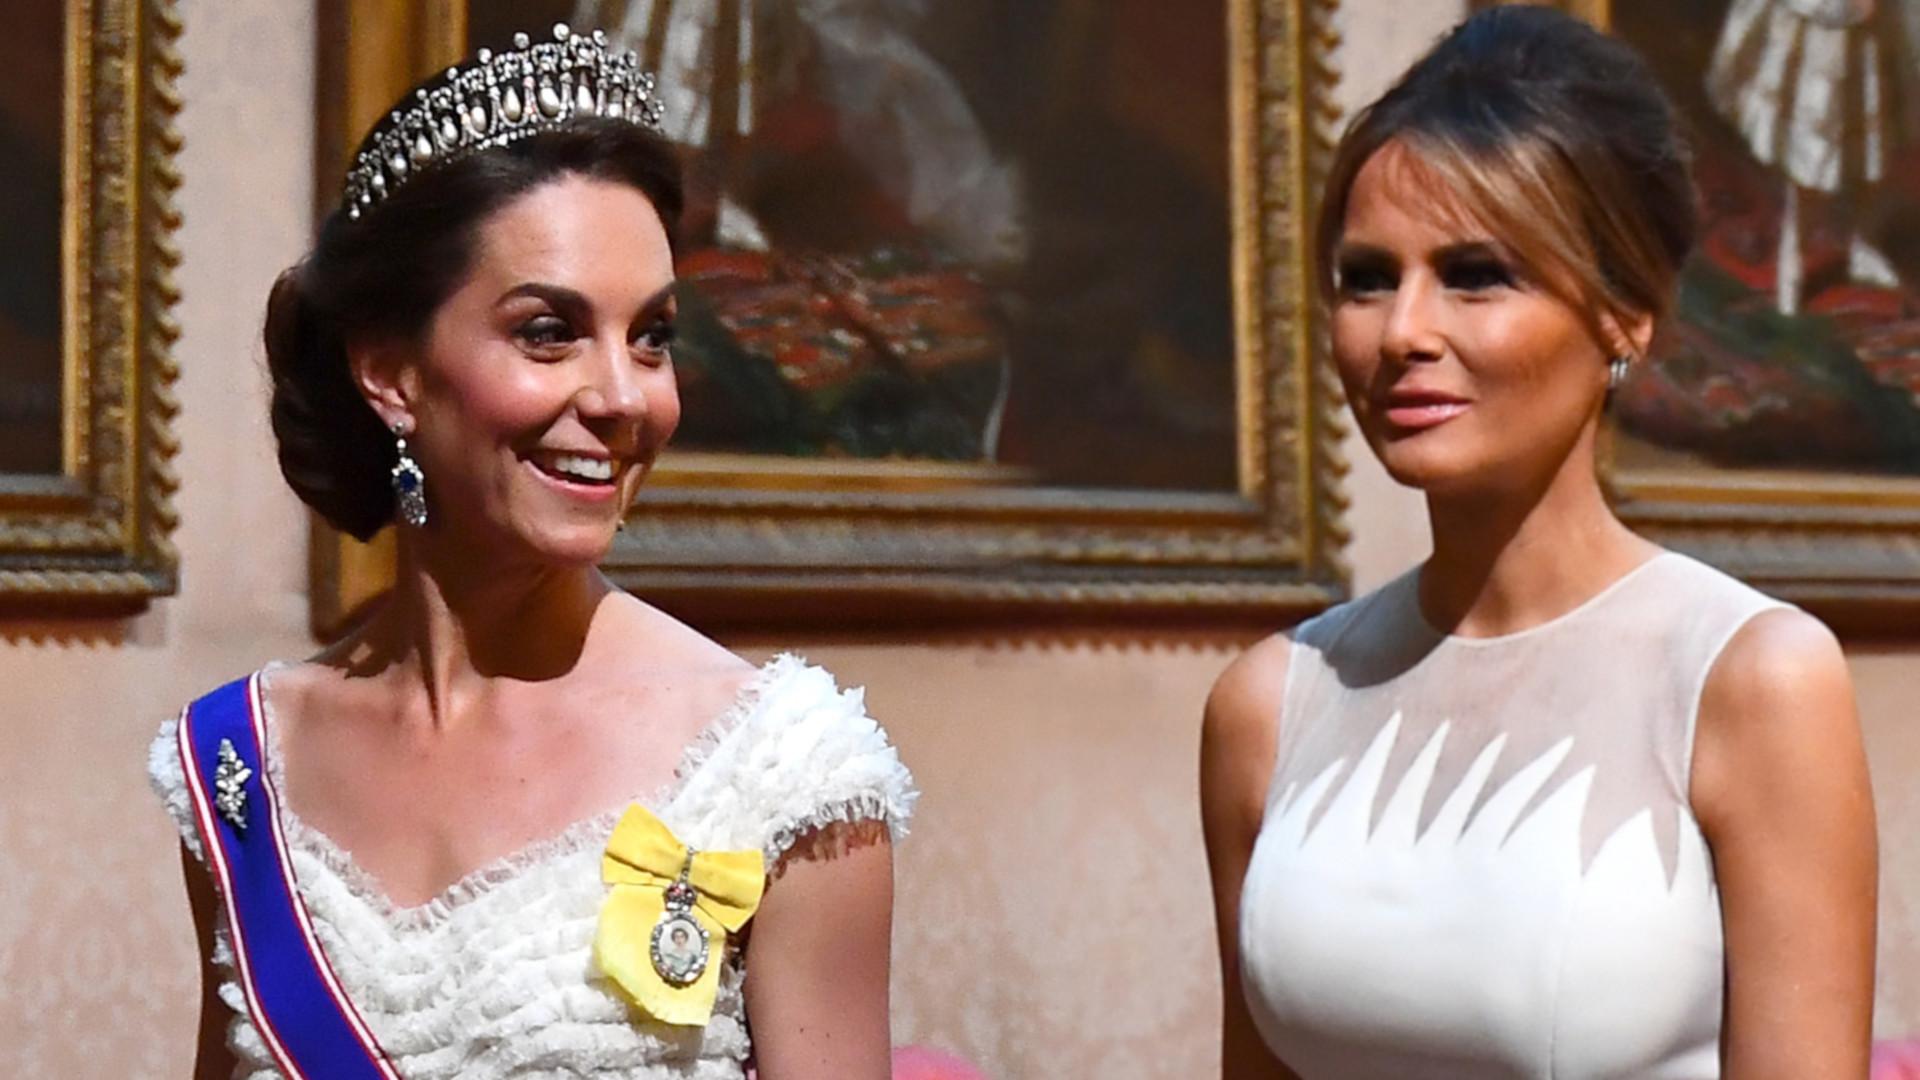 Księżna Kate i Melania Trump w długich, BIAŁYCH sukniach na tej samej imprezie (ZDJĘCIA)